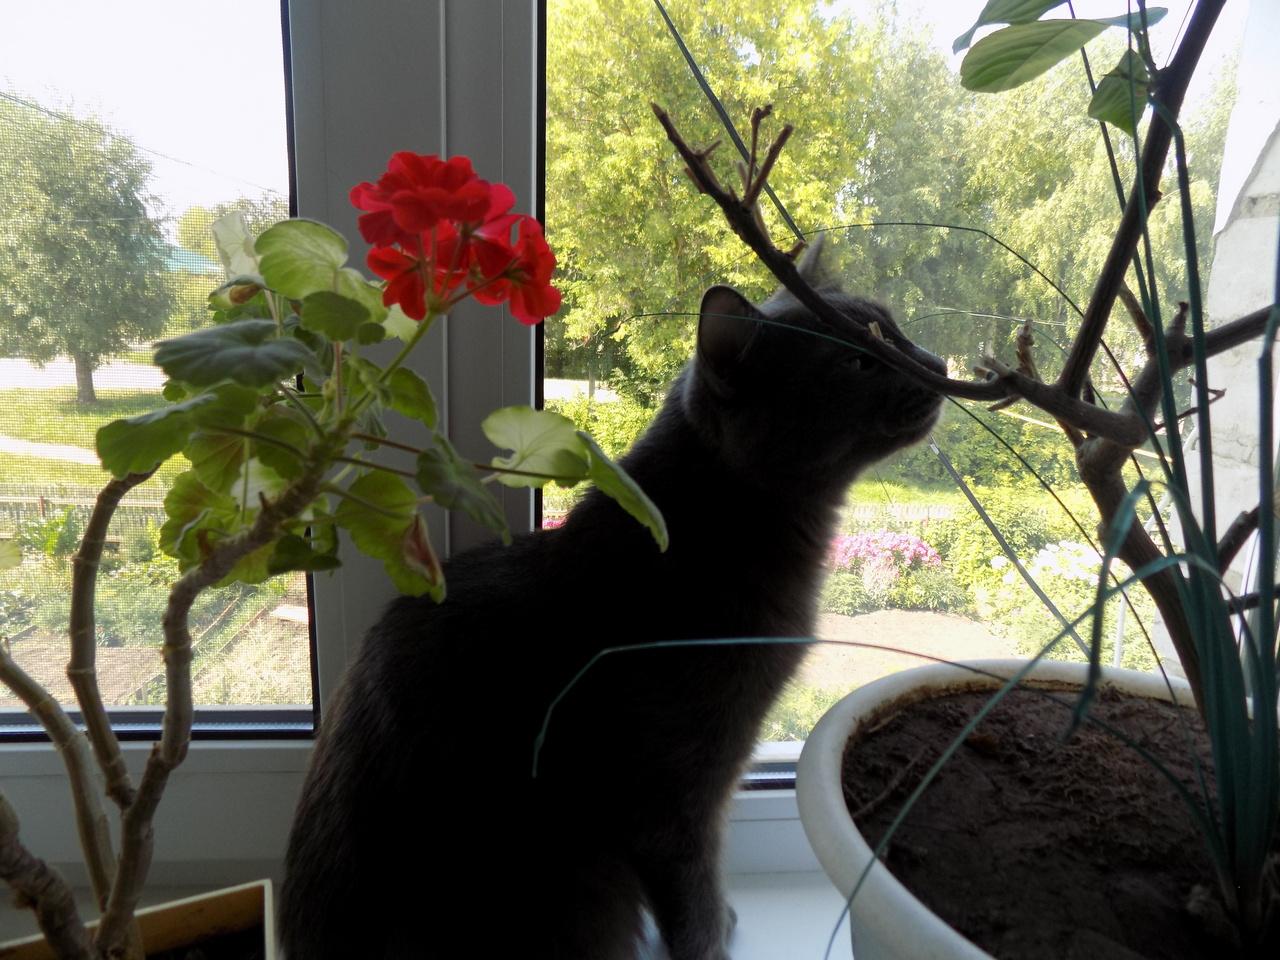 Ветеринар Лайонс рассказала, как кошки могут помочь в изучении генома человека